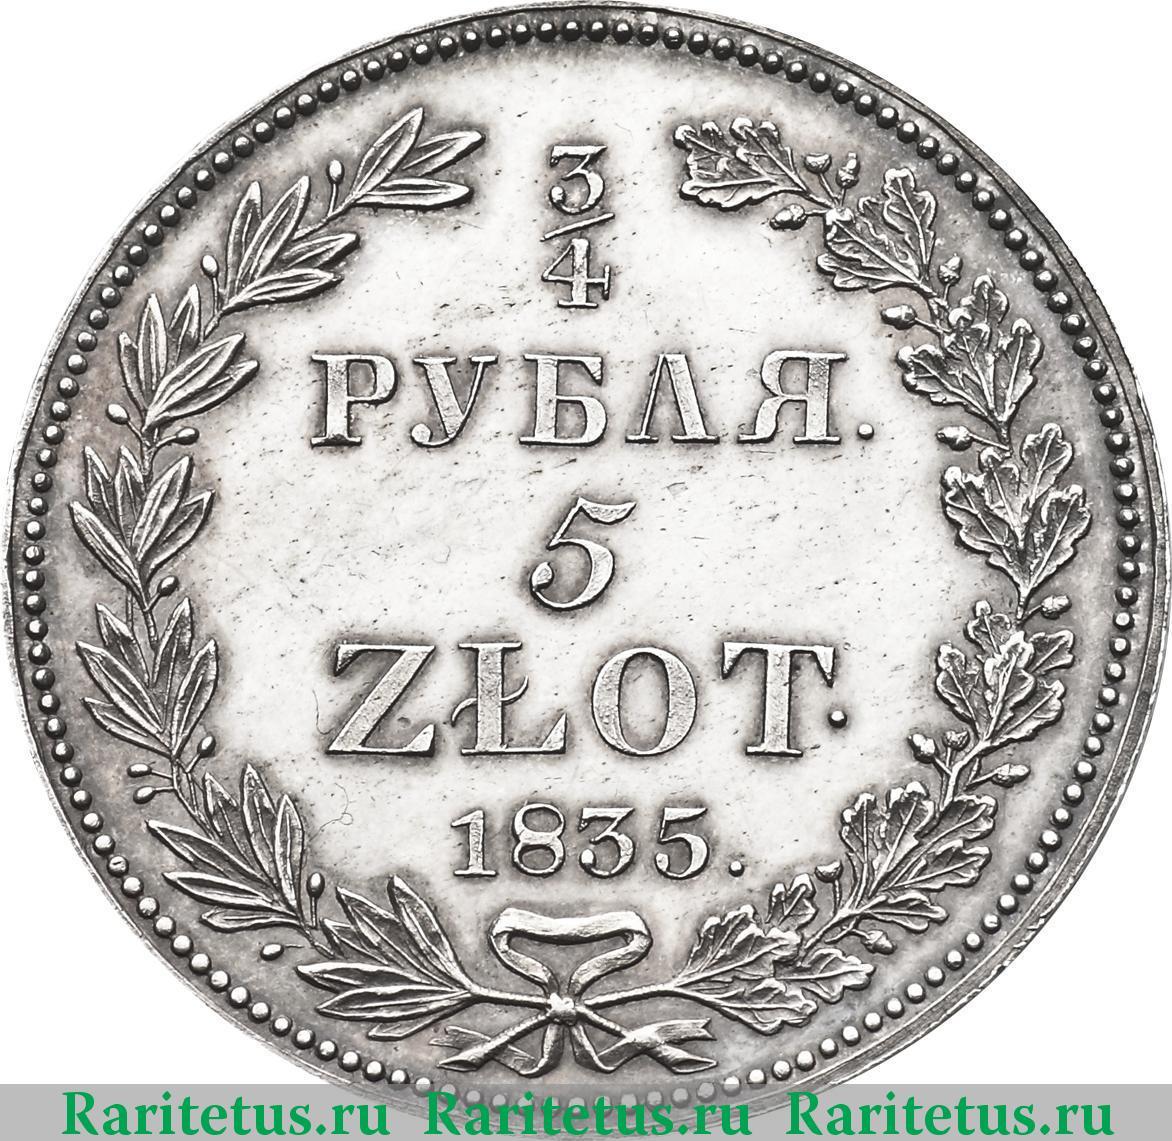 3 4 рубля 5 злотых 1836 аркадий трачук